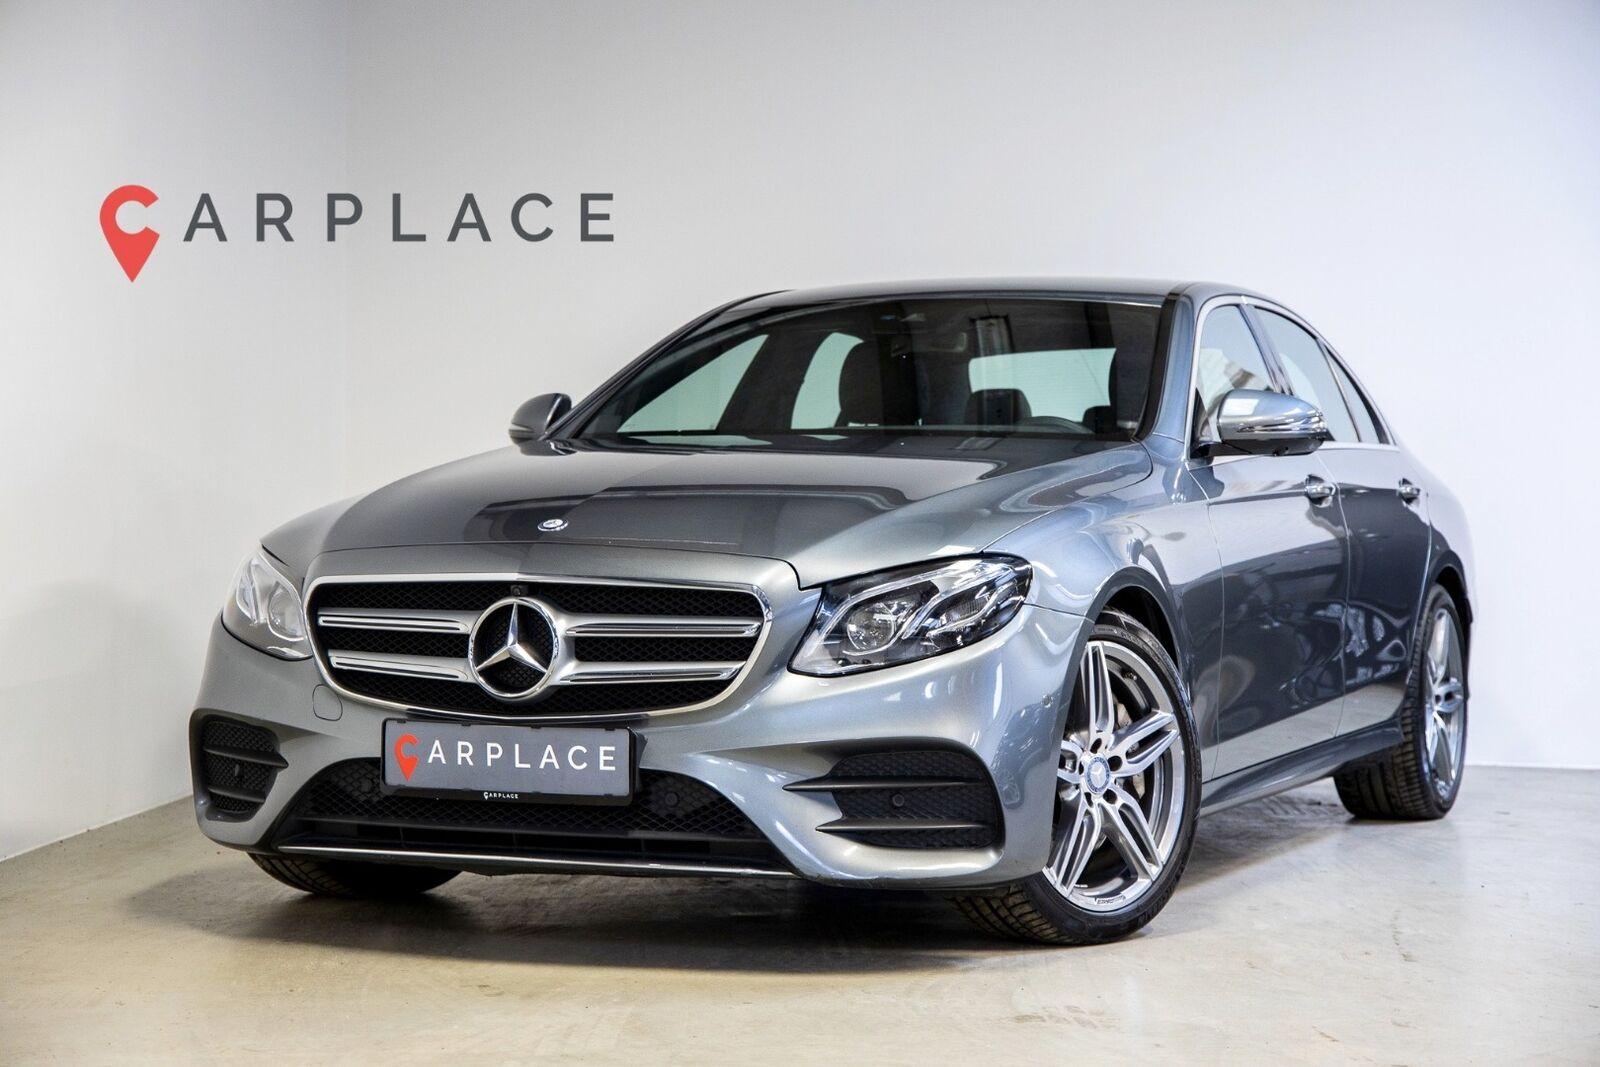 Mercedes E350 d 3,0 AMG aut. 4d - 579.900 kr.